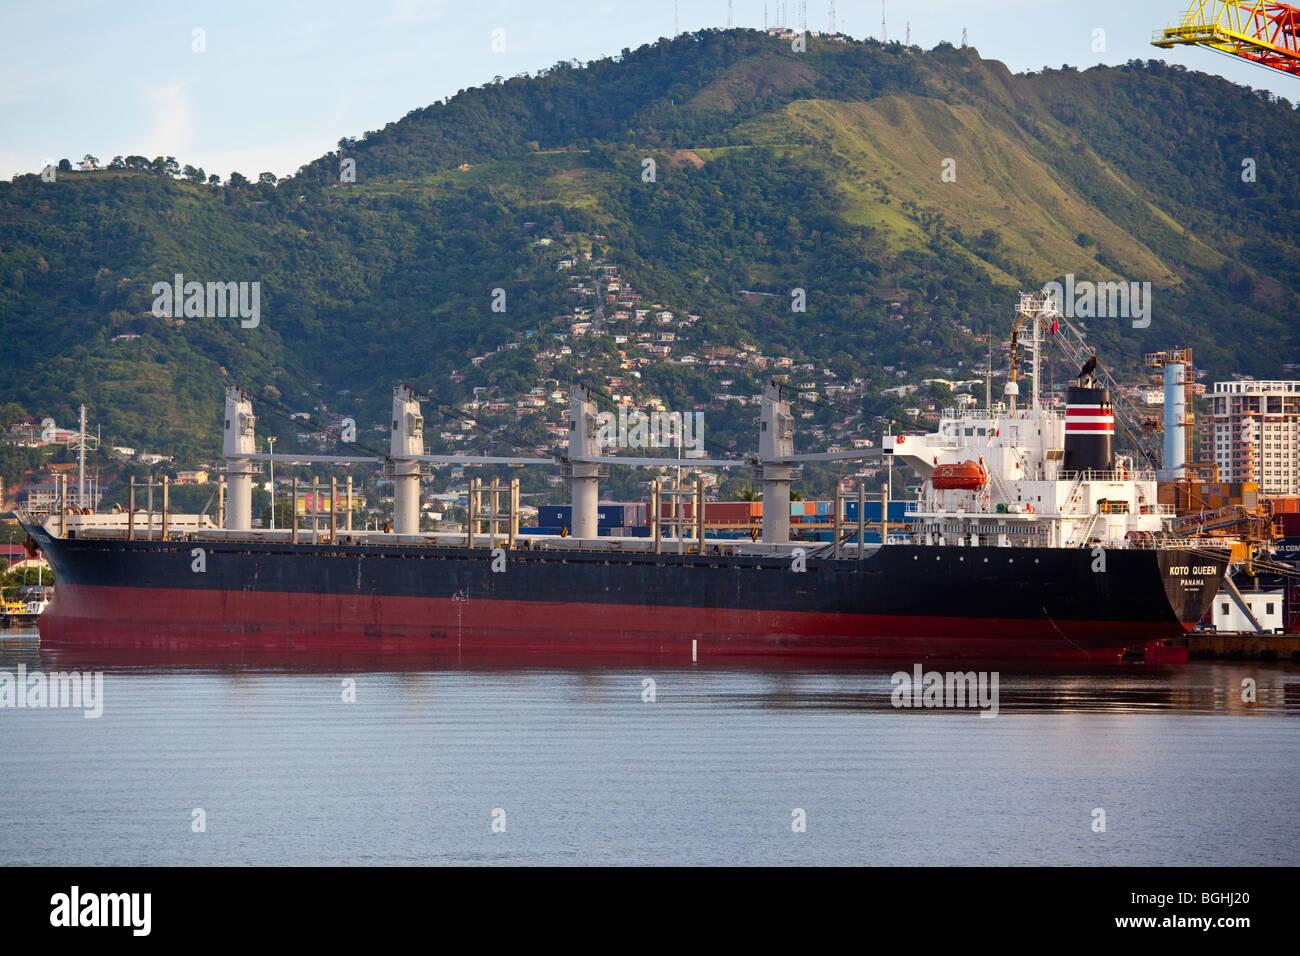 Oil Tanker in Port of Spain, Trinidad - Stock Image